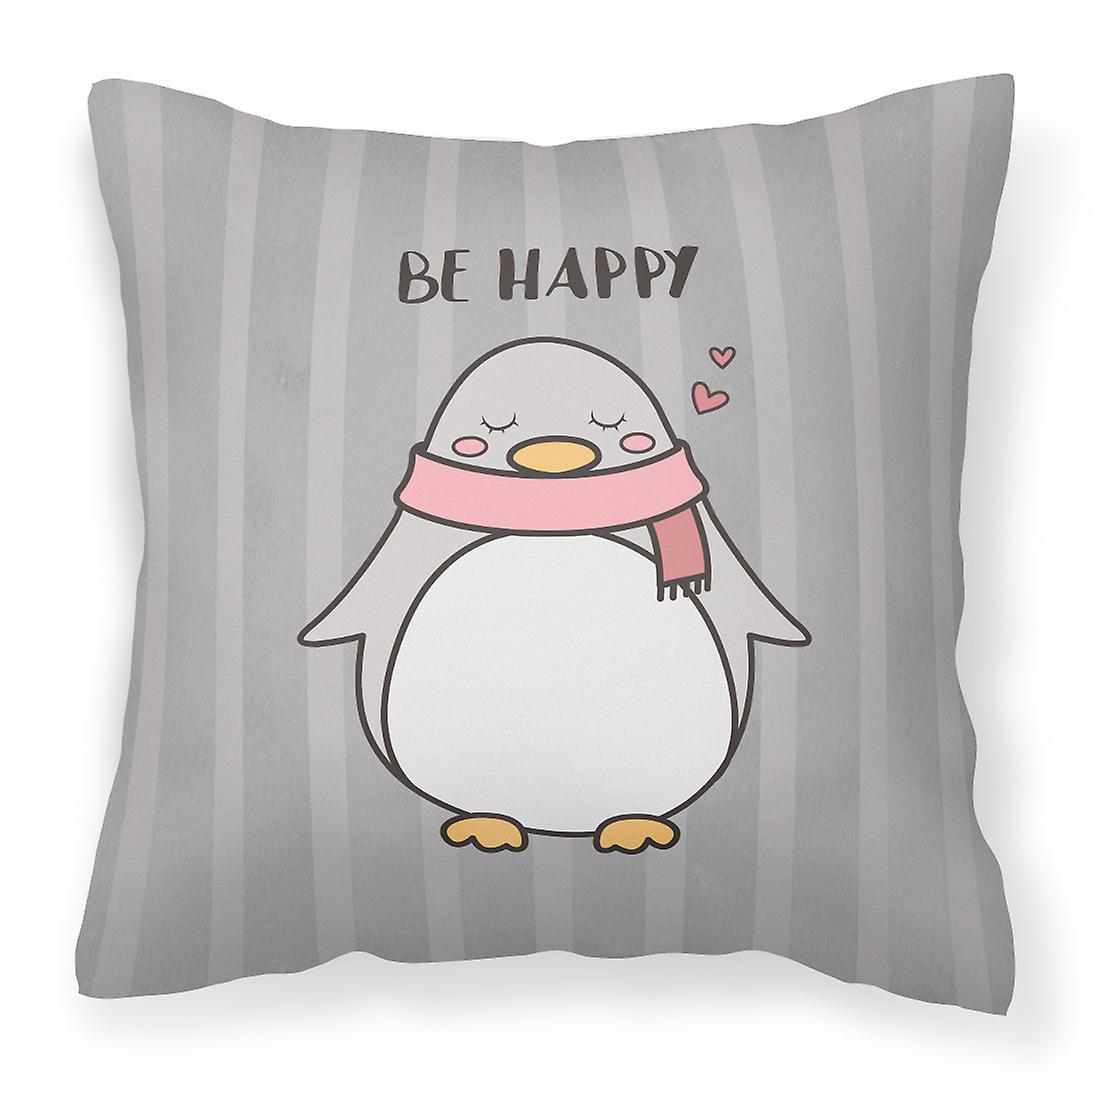 Pépinière être heureux Penquin tissu oreiller décoratif